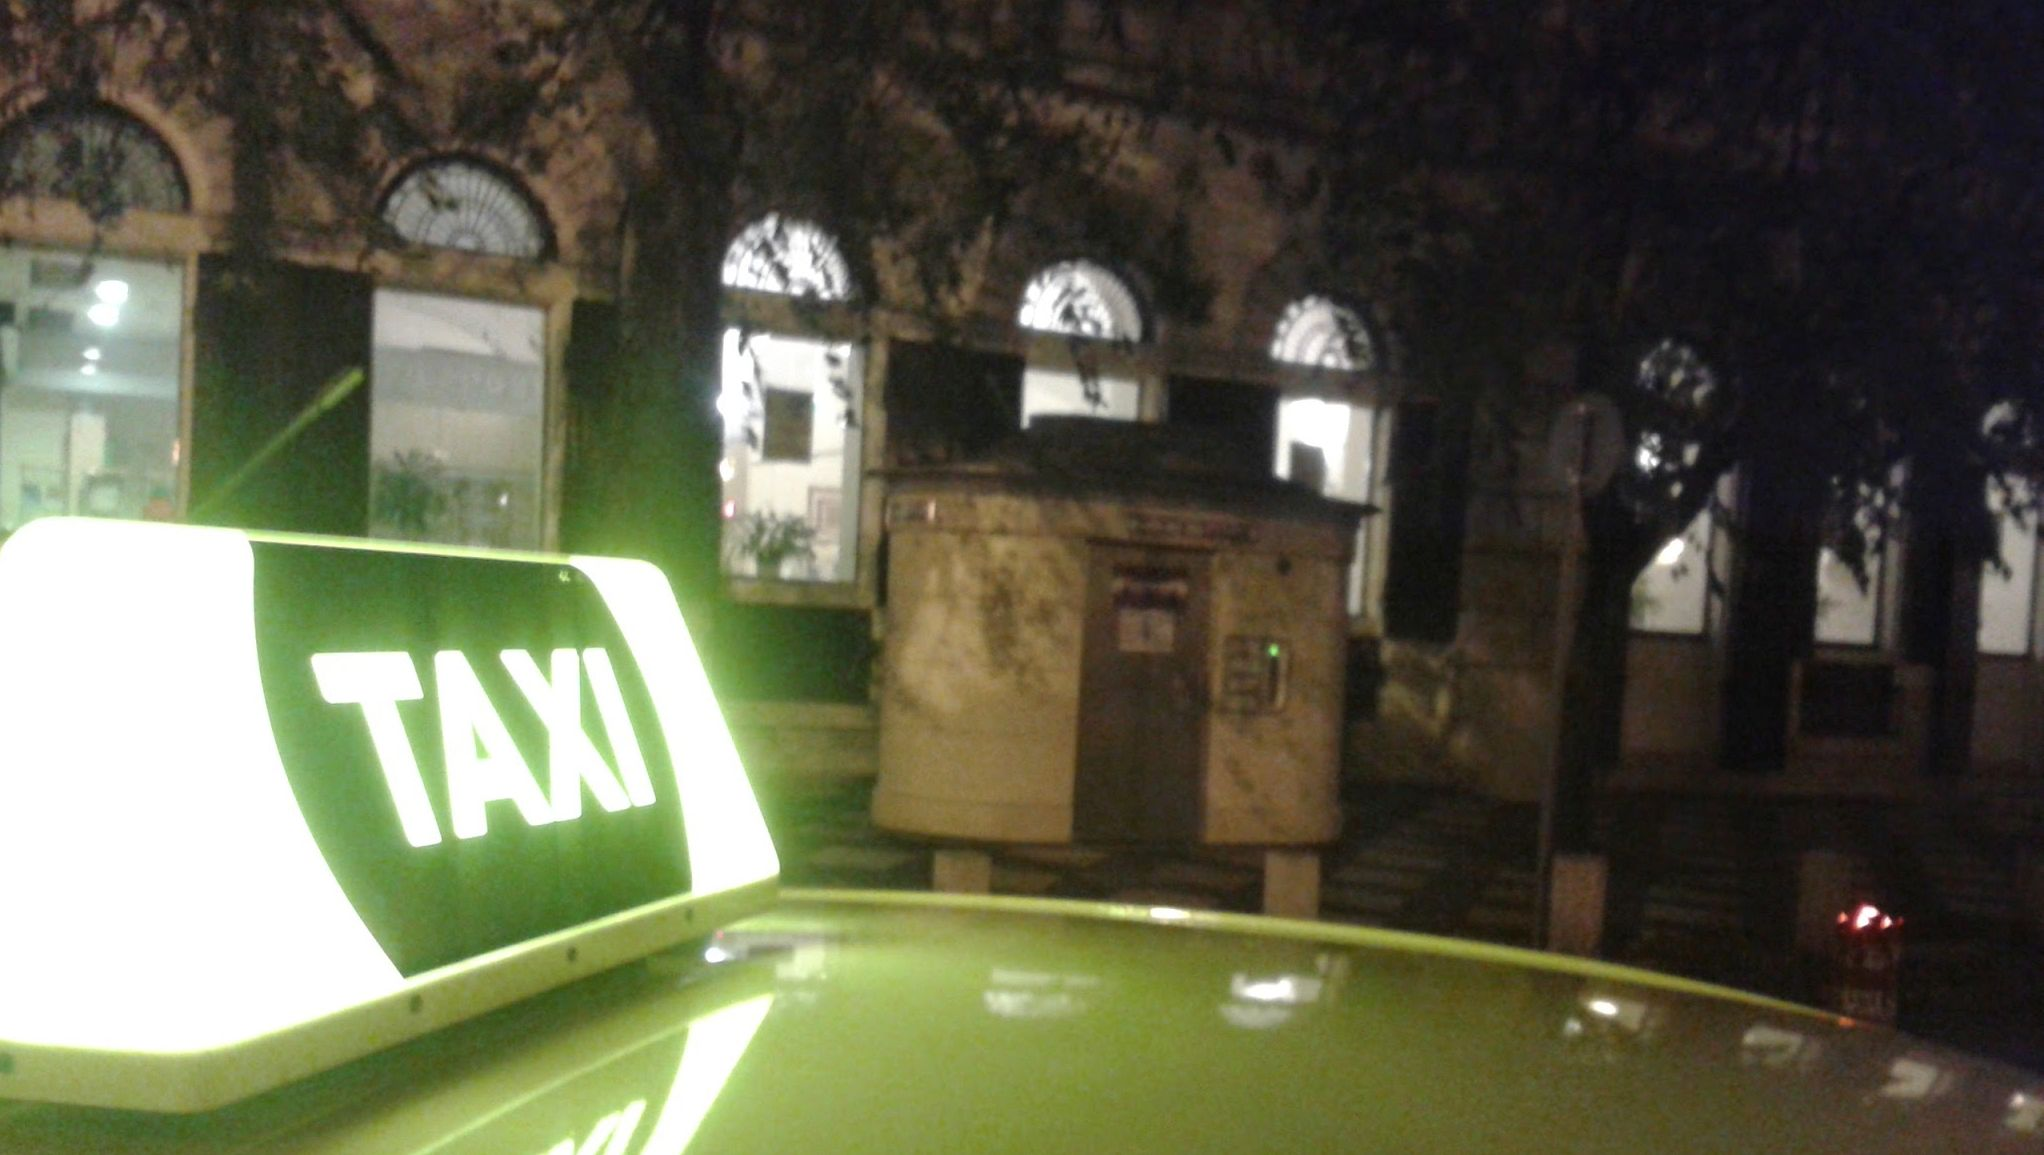 taxivagott.jpg